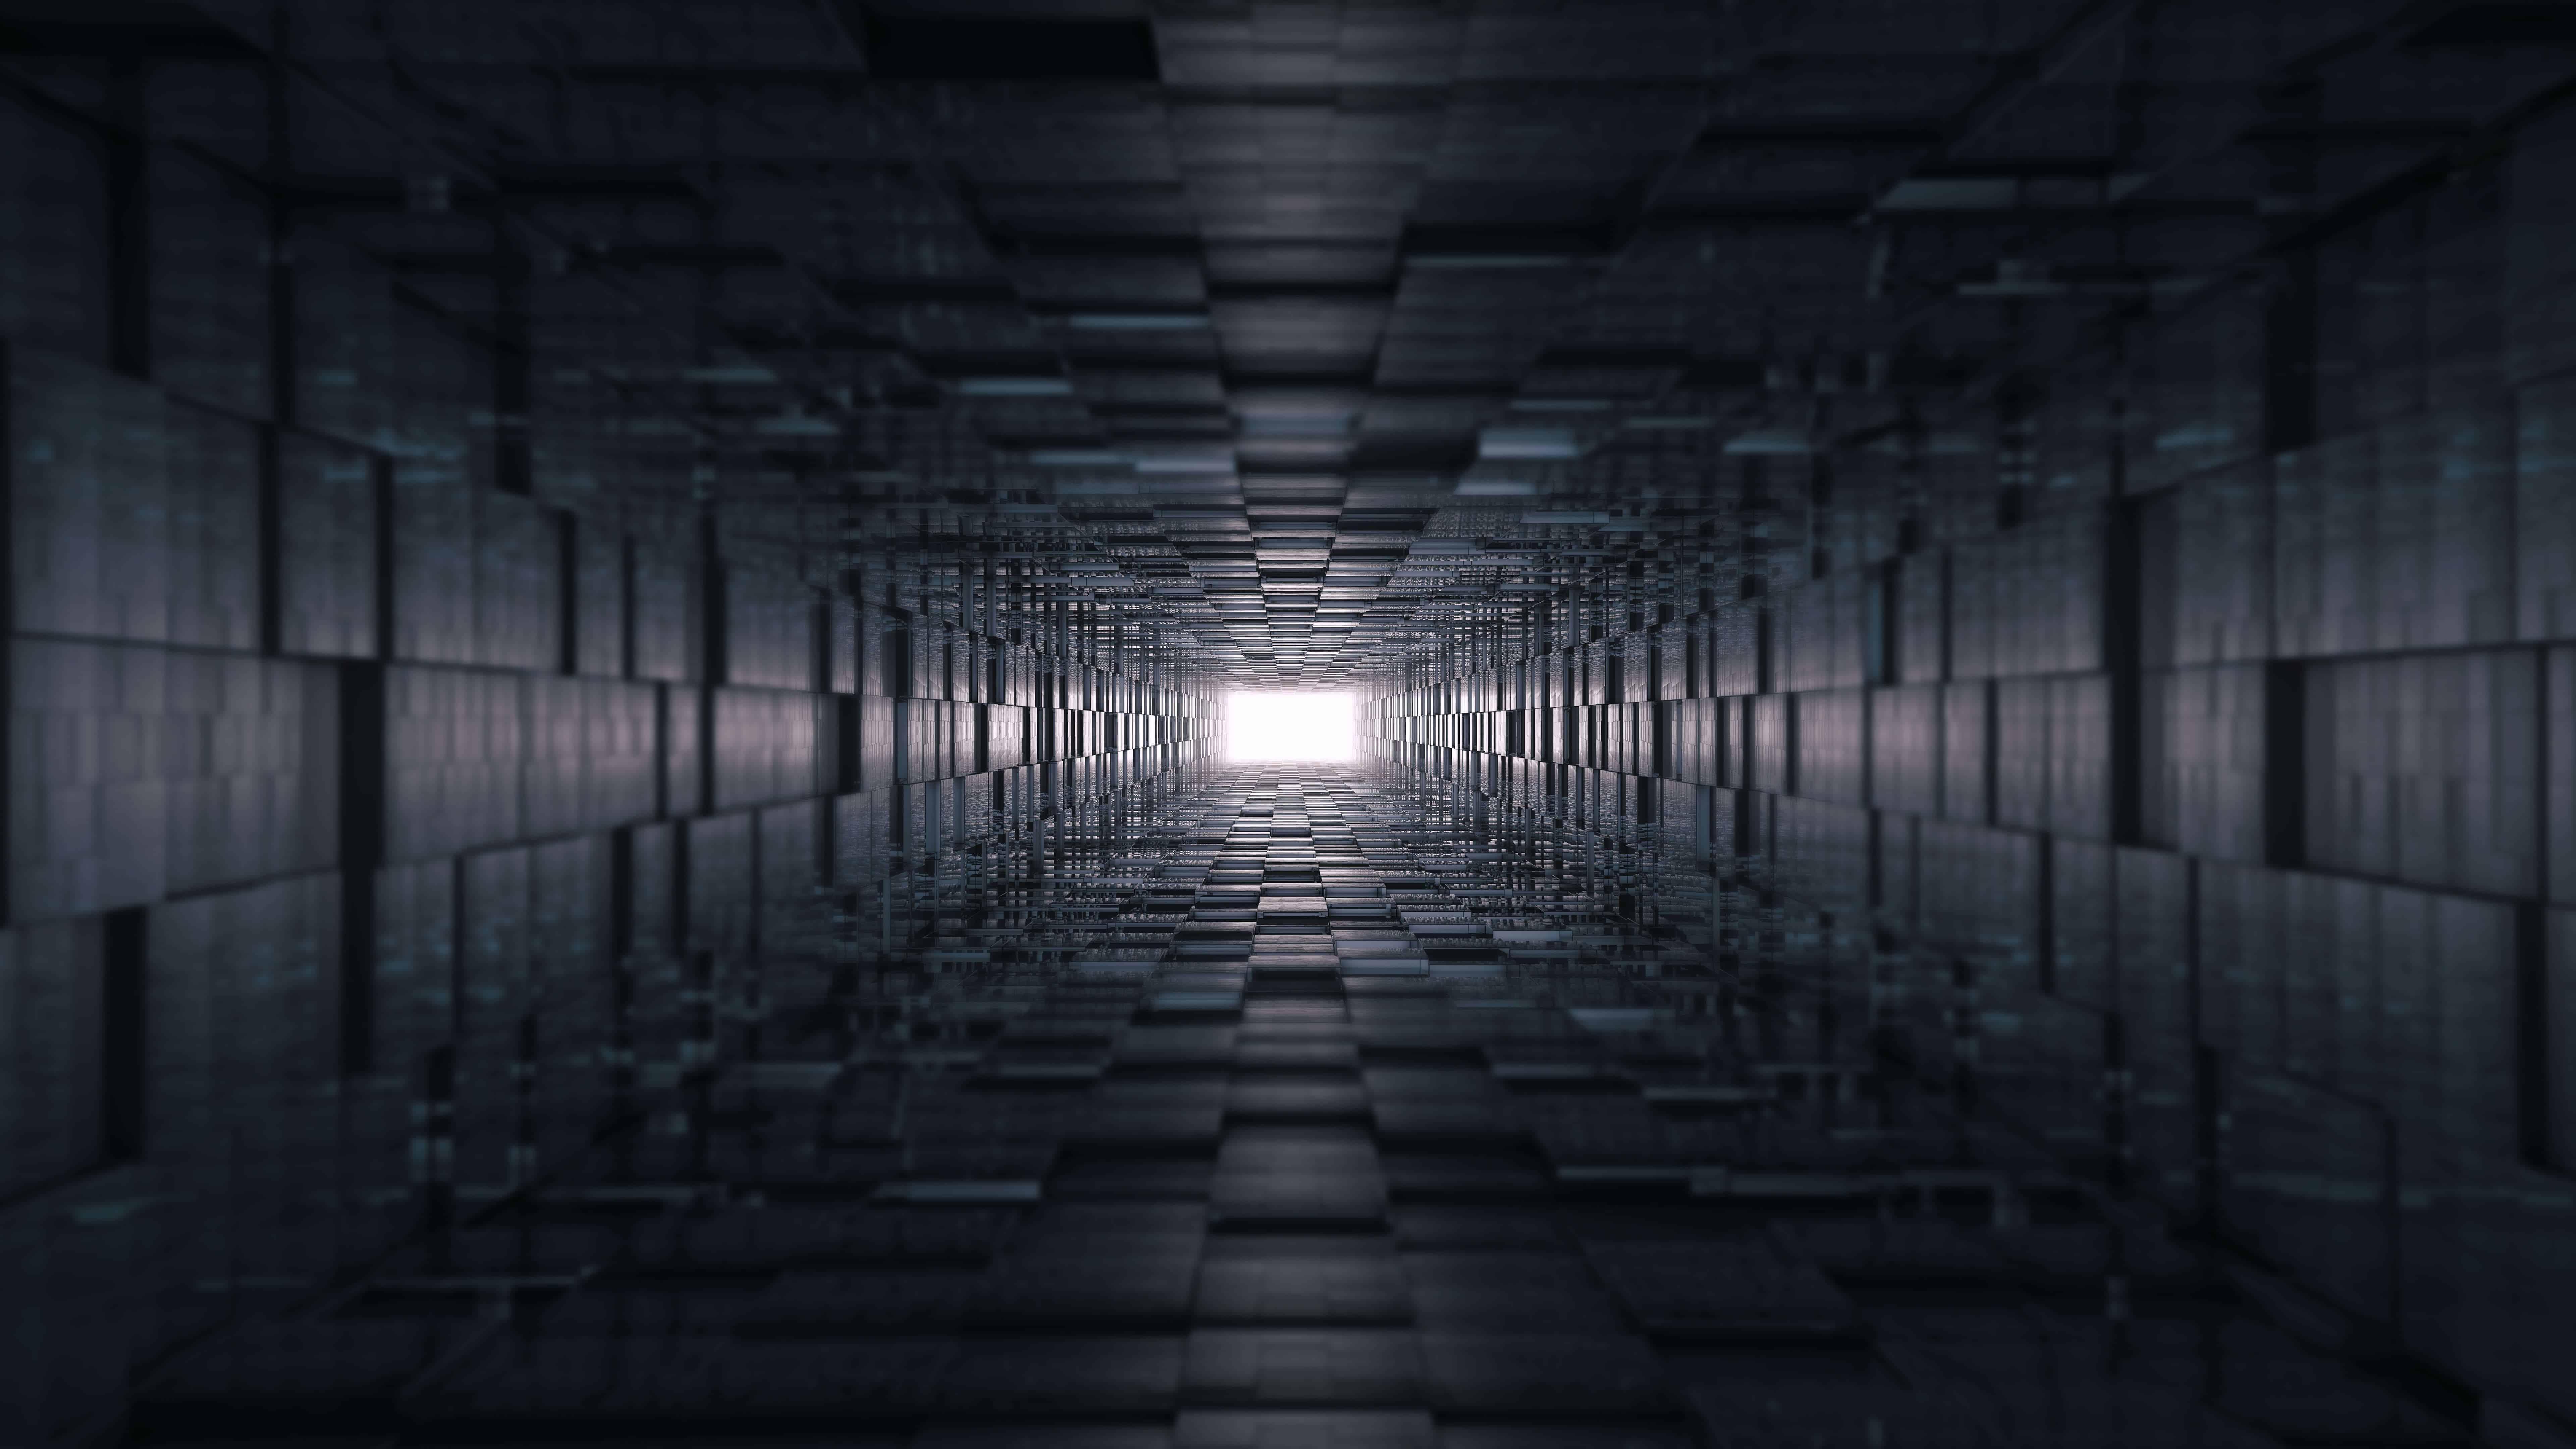 Abstract Dark Geometry UHD 8K Wallpaper | Pixelz